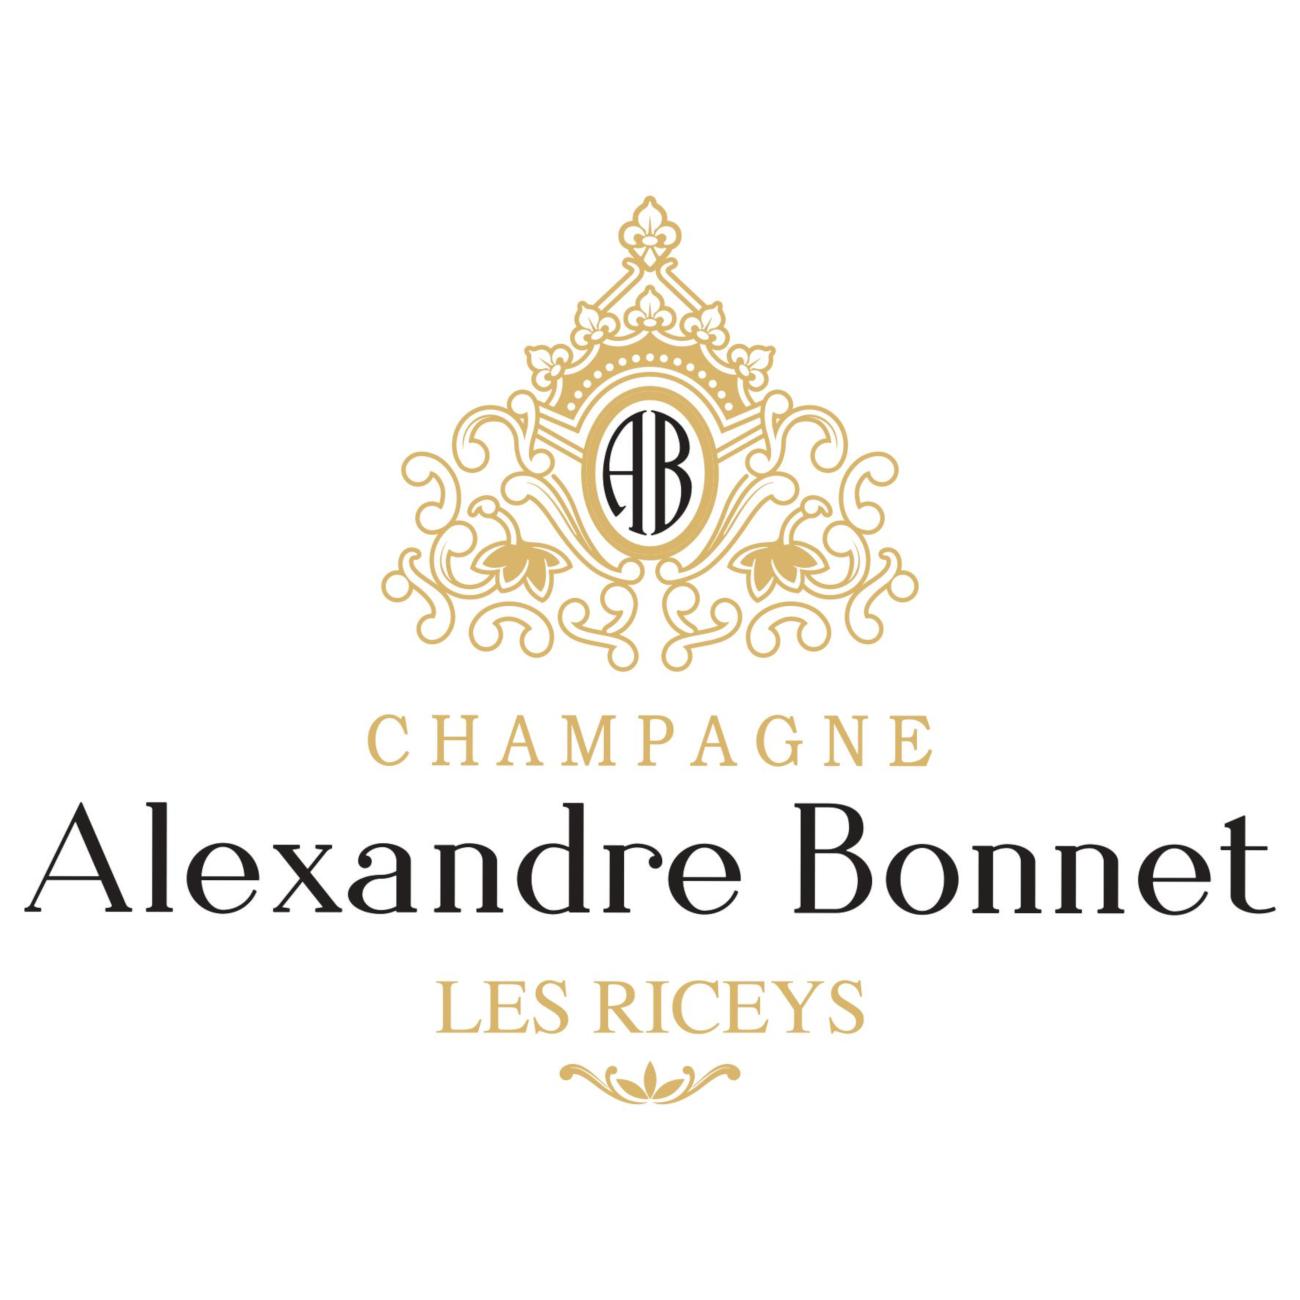 Maison Alexandre Bonnet